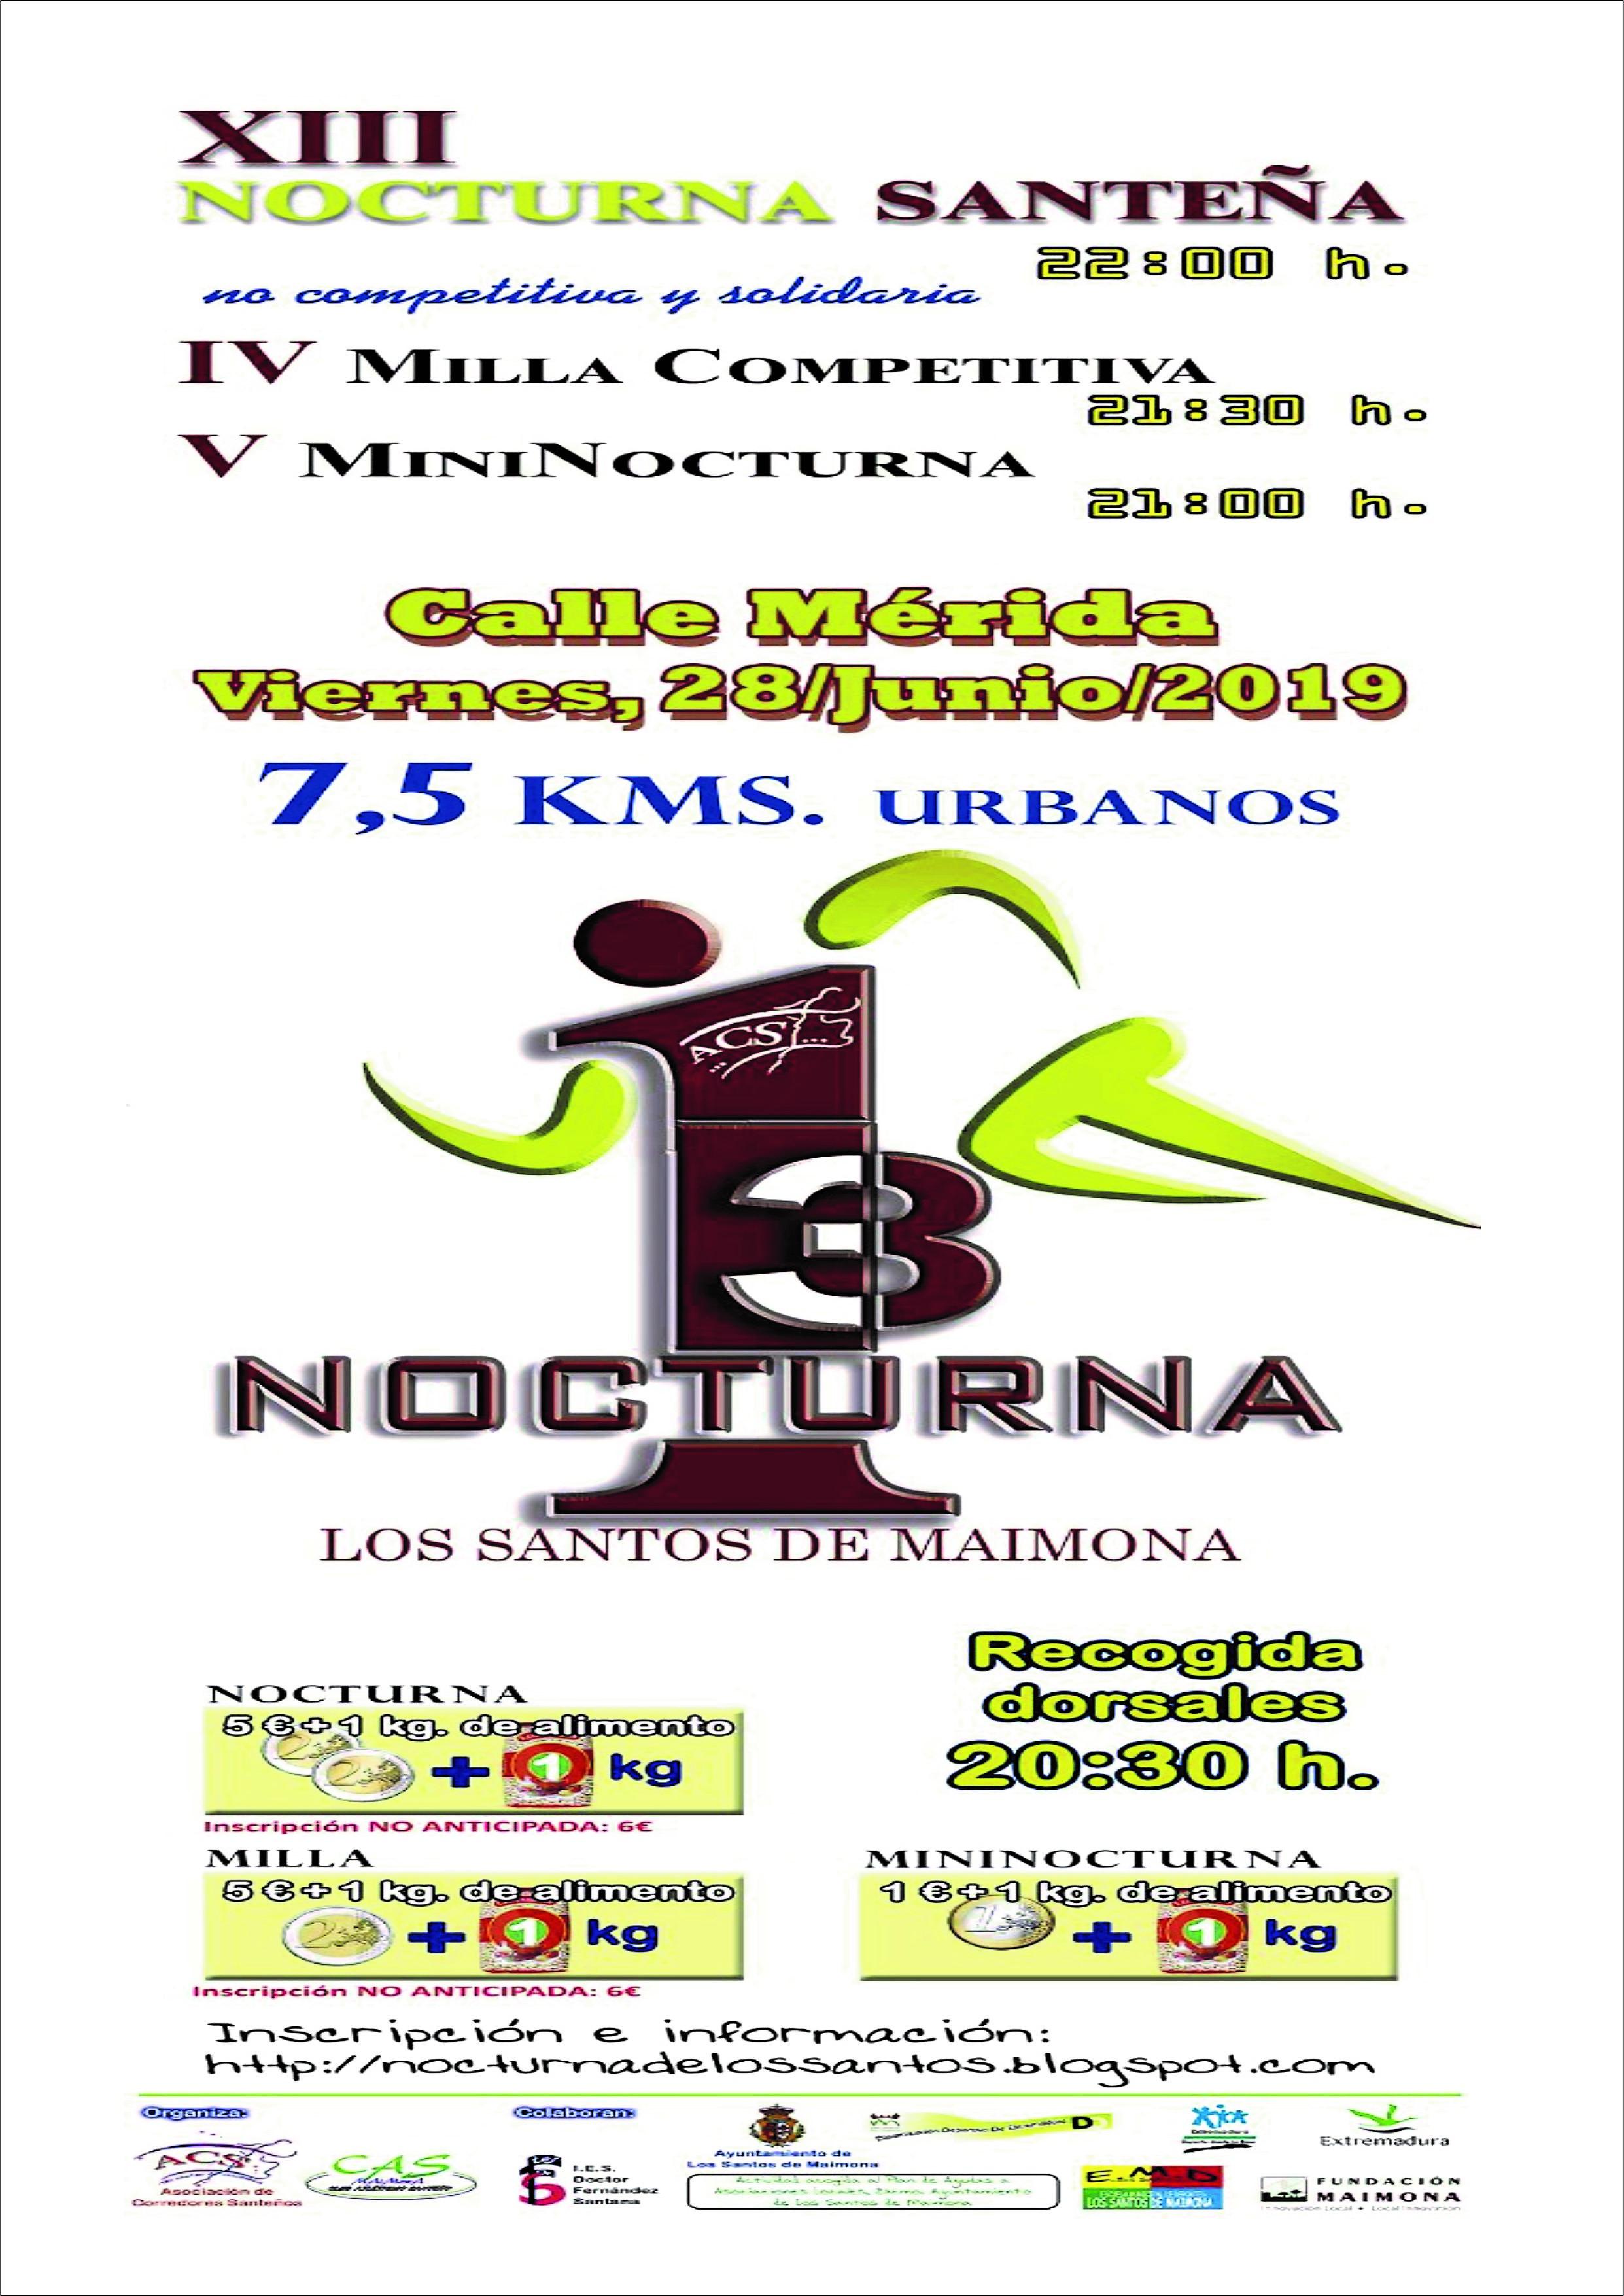 La noche del 28 de Junio es la fiesta de la XIII Nocturna Santeña